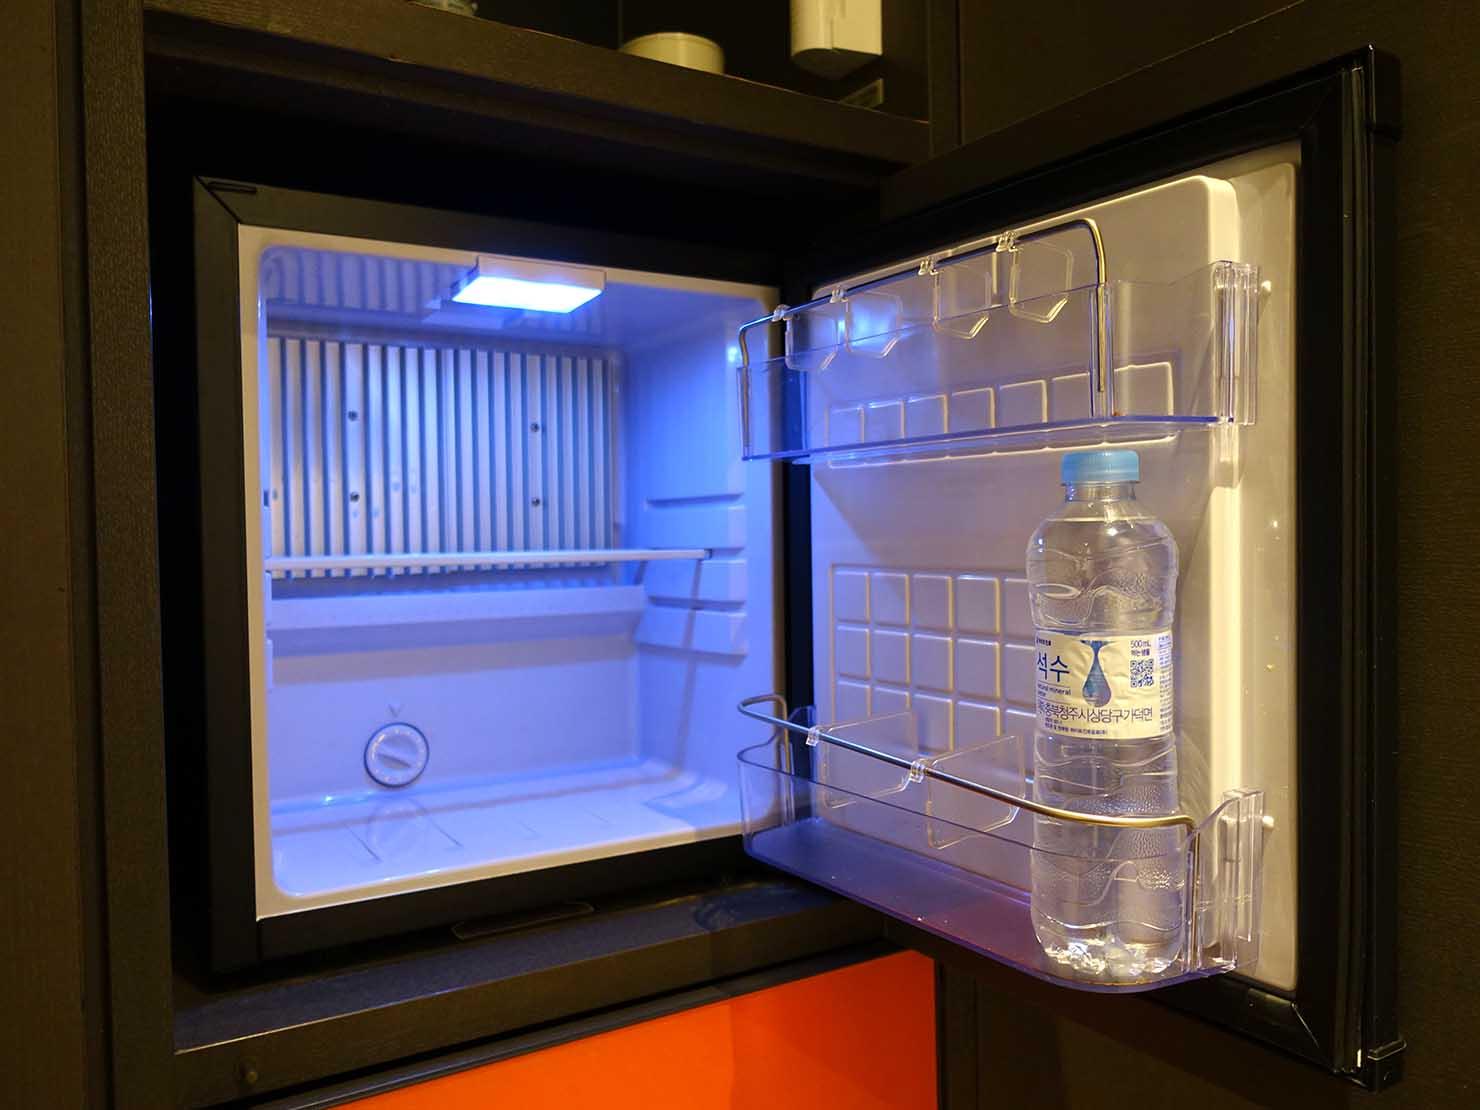 ソウル観光に超便利なアクセス抜群の特2級ホテル「新羅ステイ麻浦 Shilla Stay Mapo」スタンダードツインの冷蔵庫